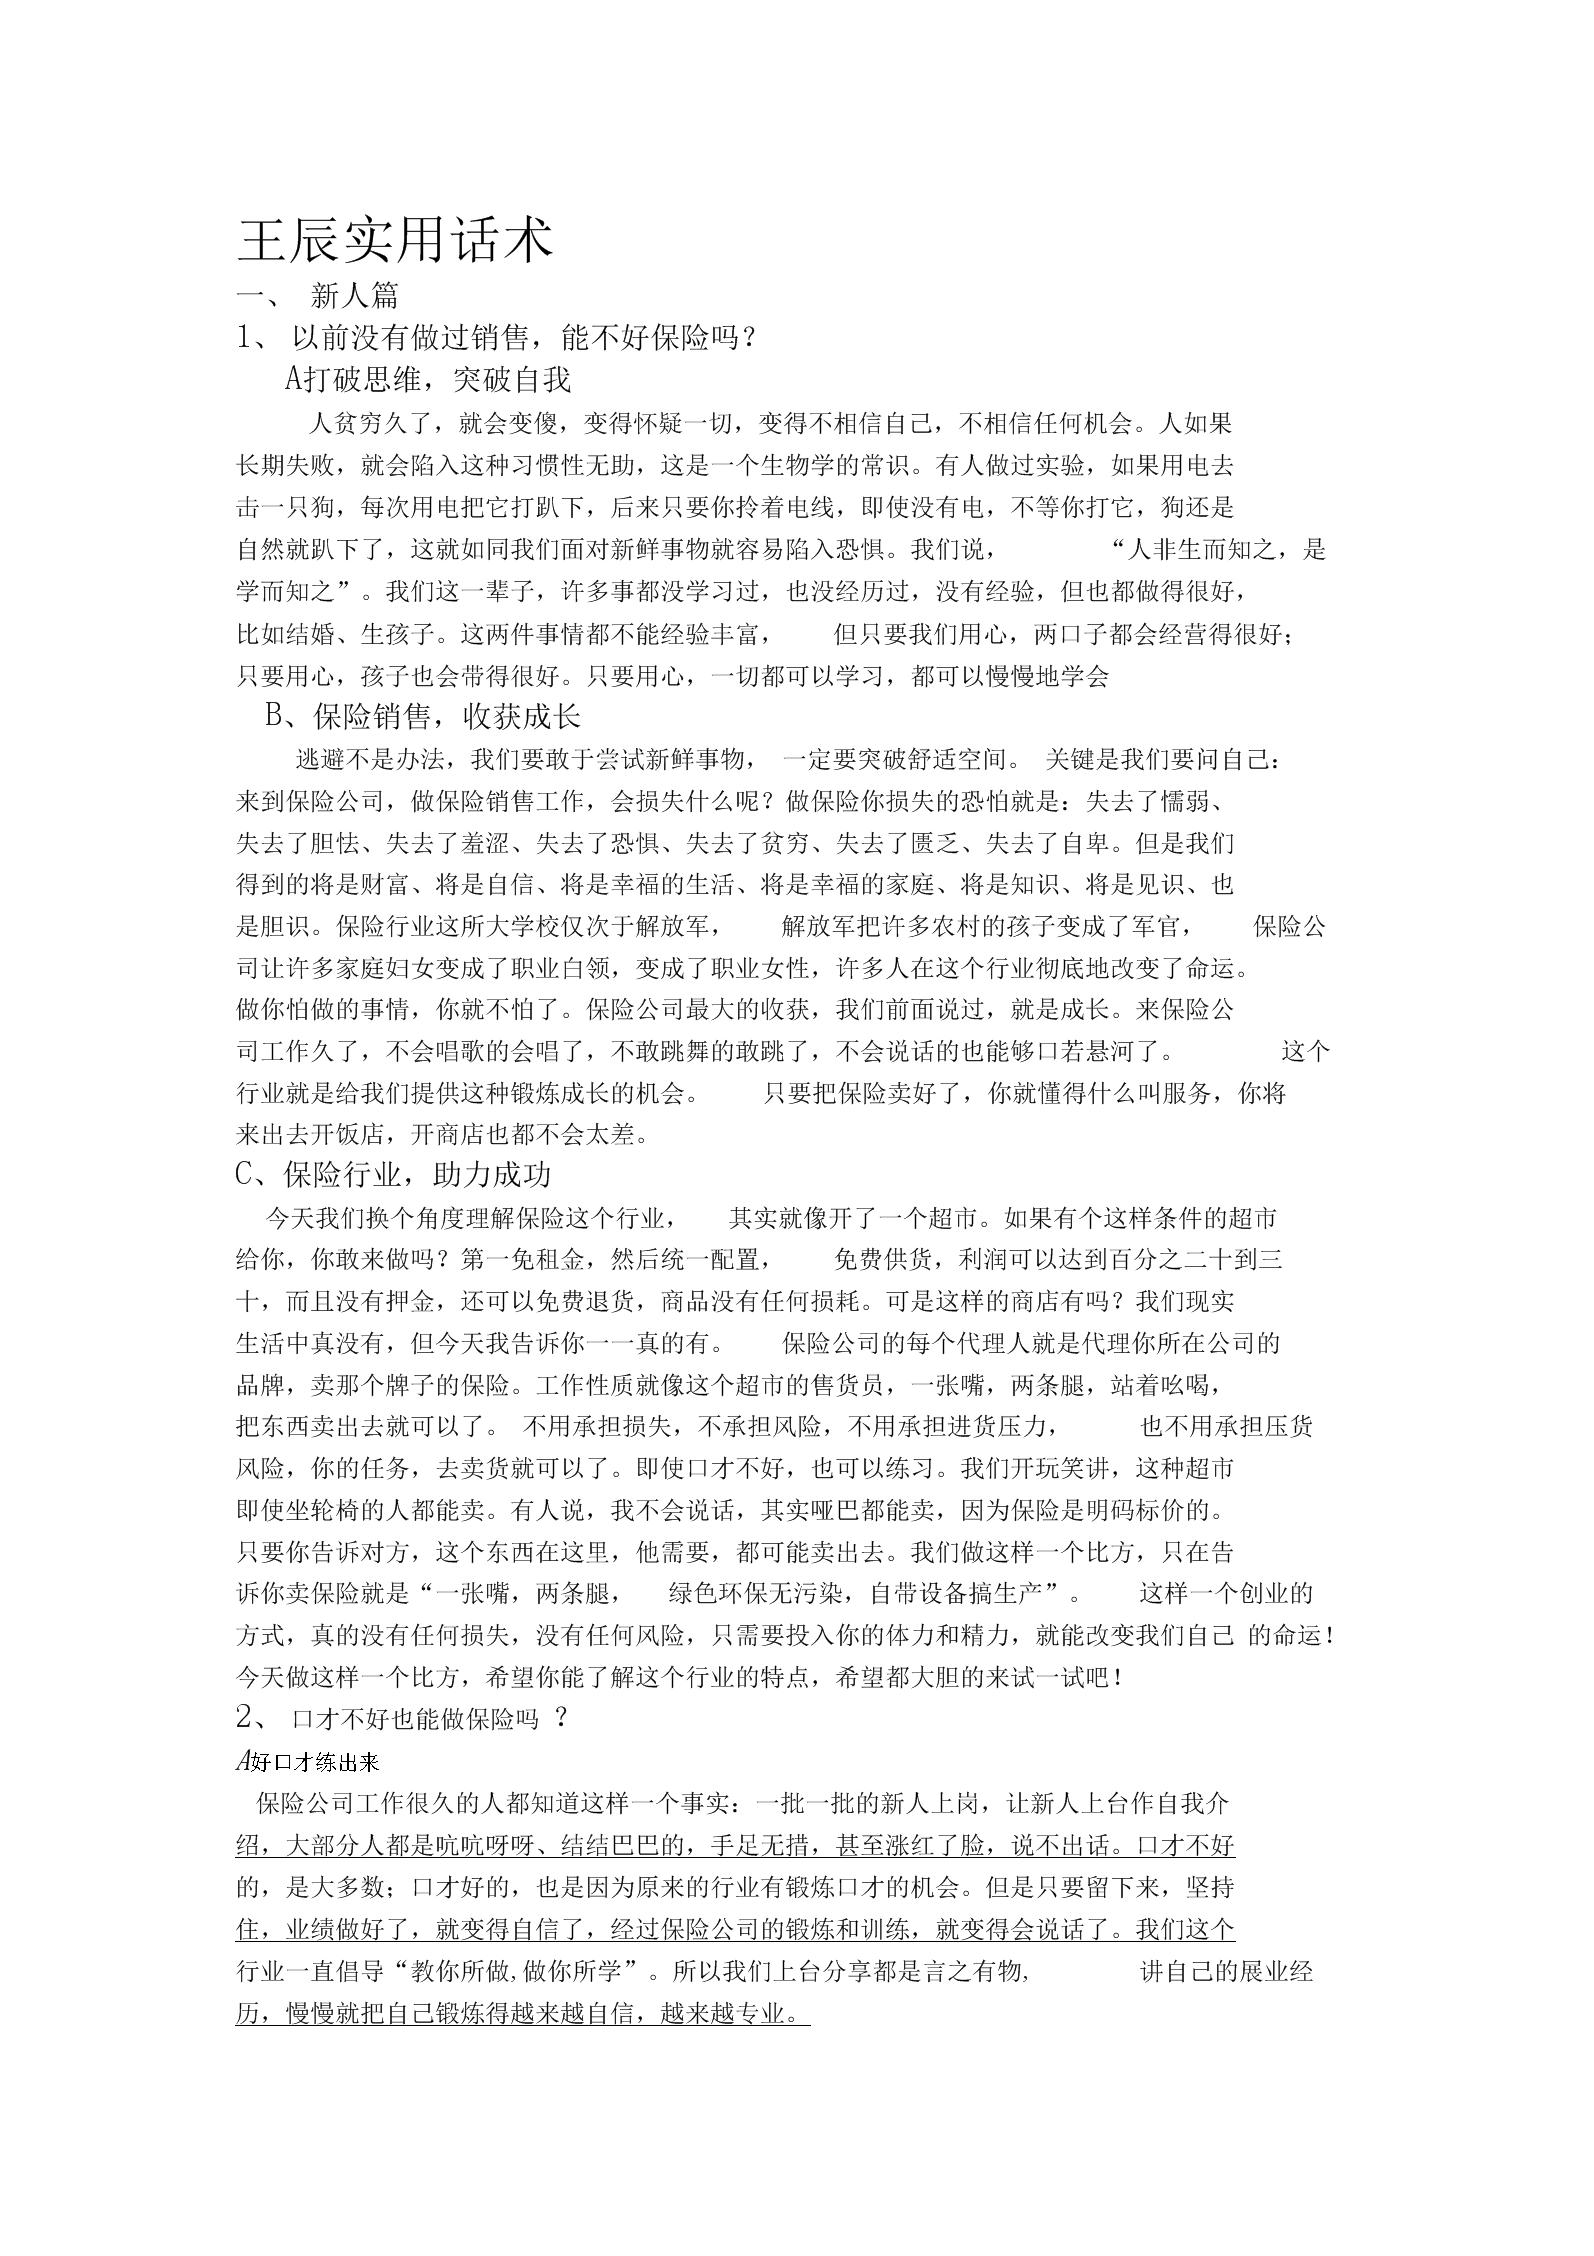 王辰实用话术.docx